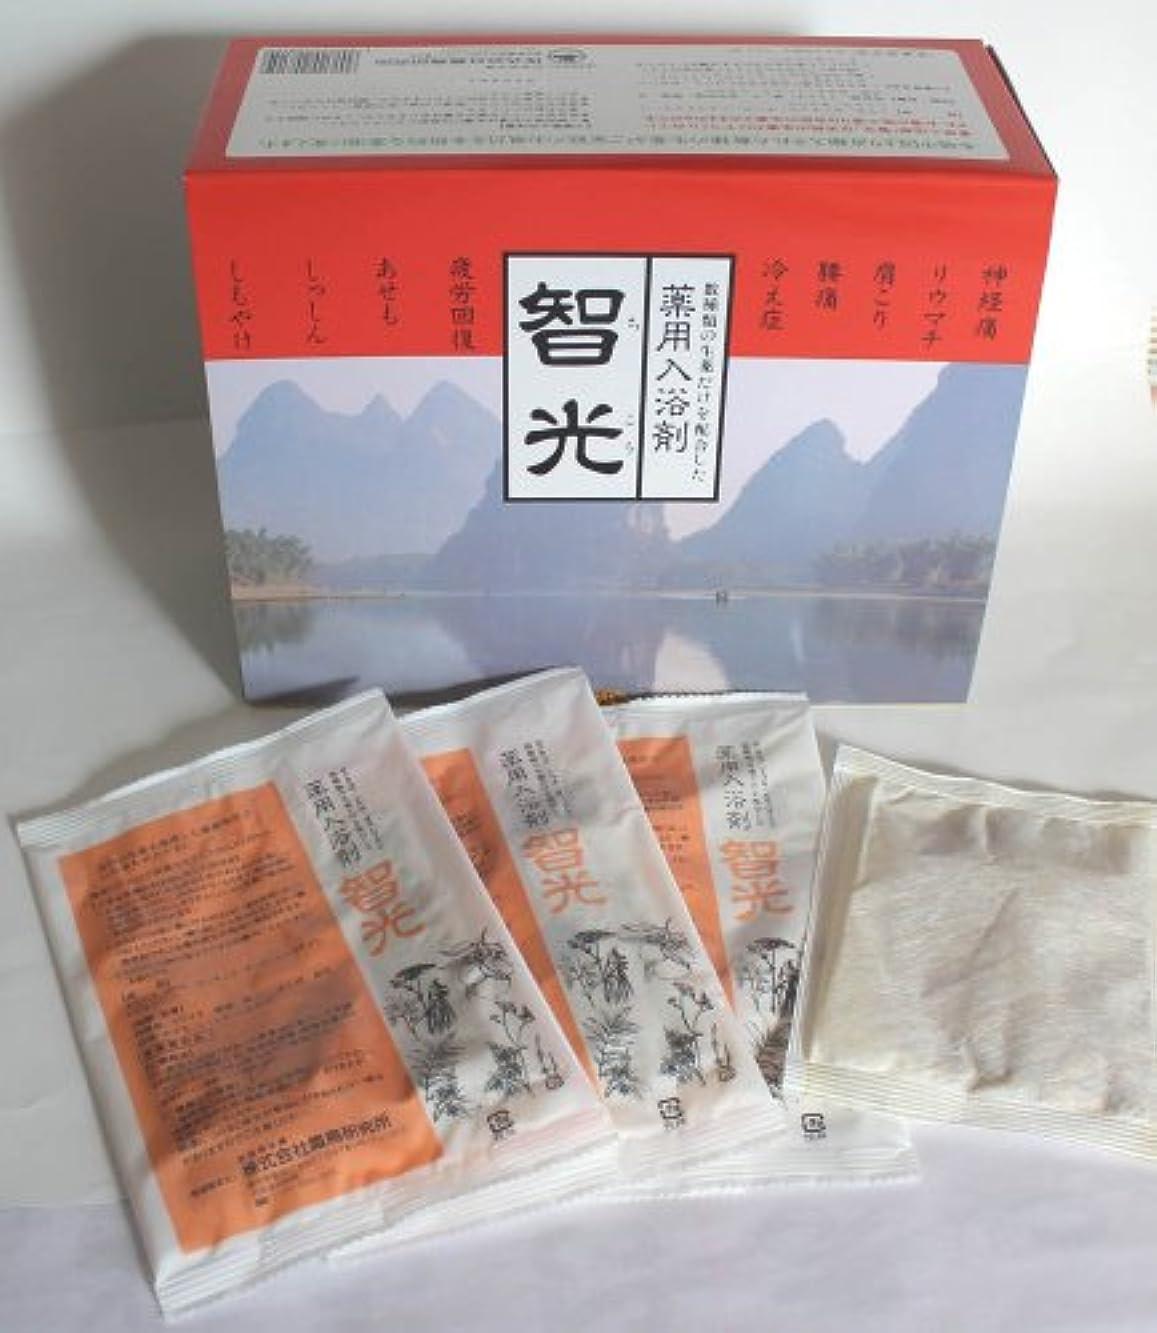 生理無意識シンジケート薬用入浴剤 智光 (25g×32包入り)化粧箱なし